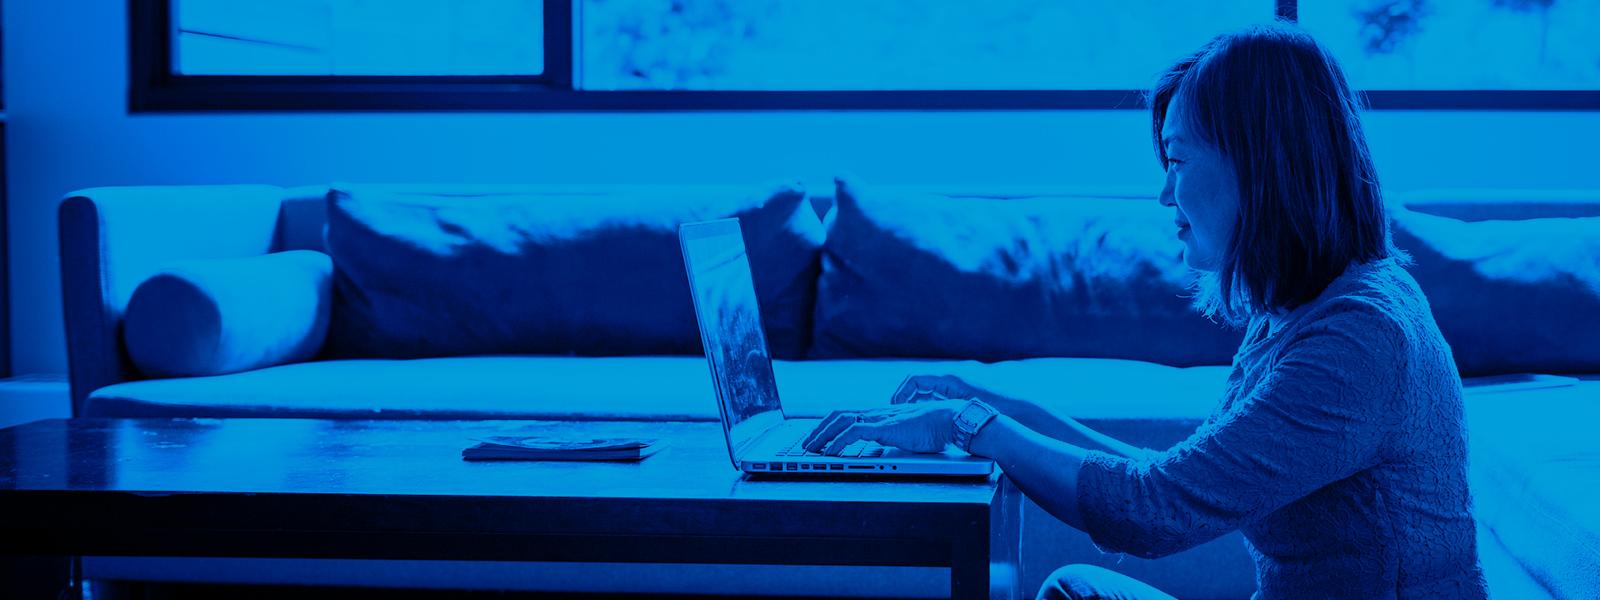 Imagem de uma mulher utilizando um notebook